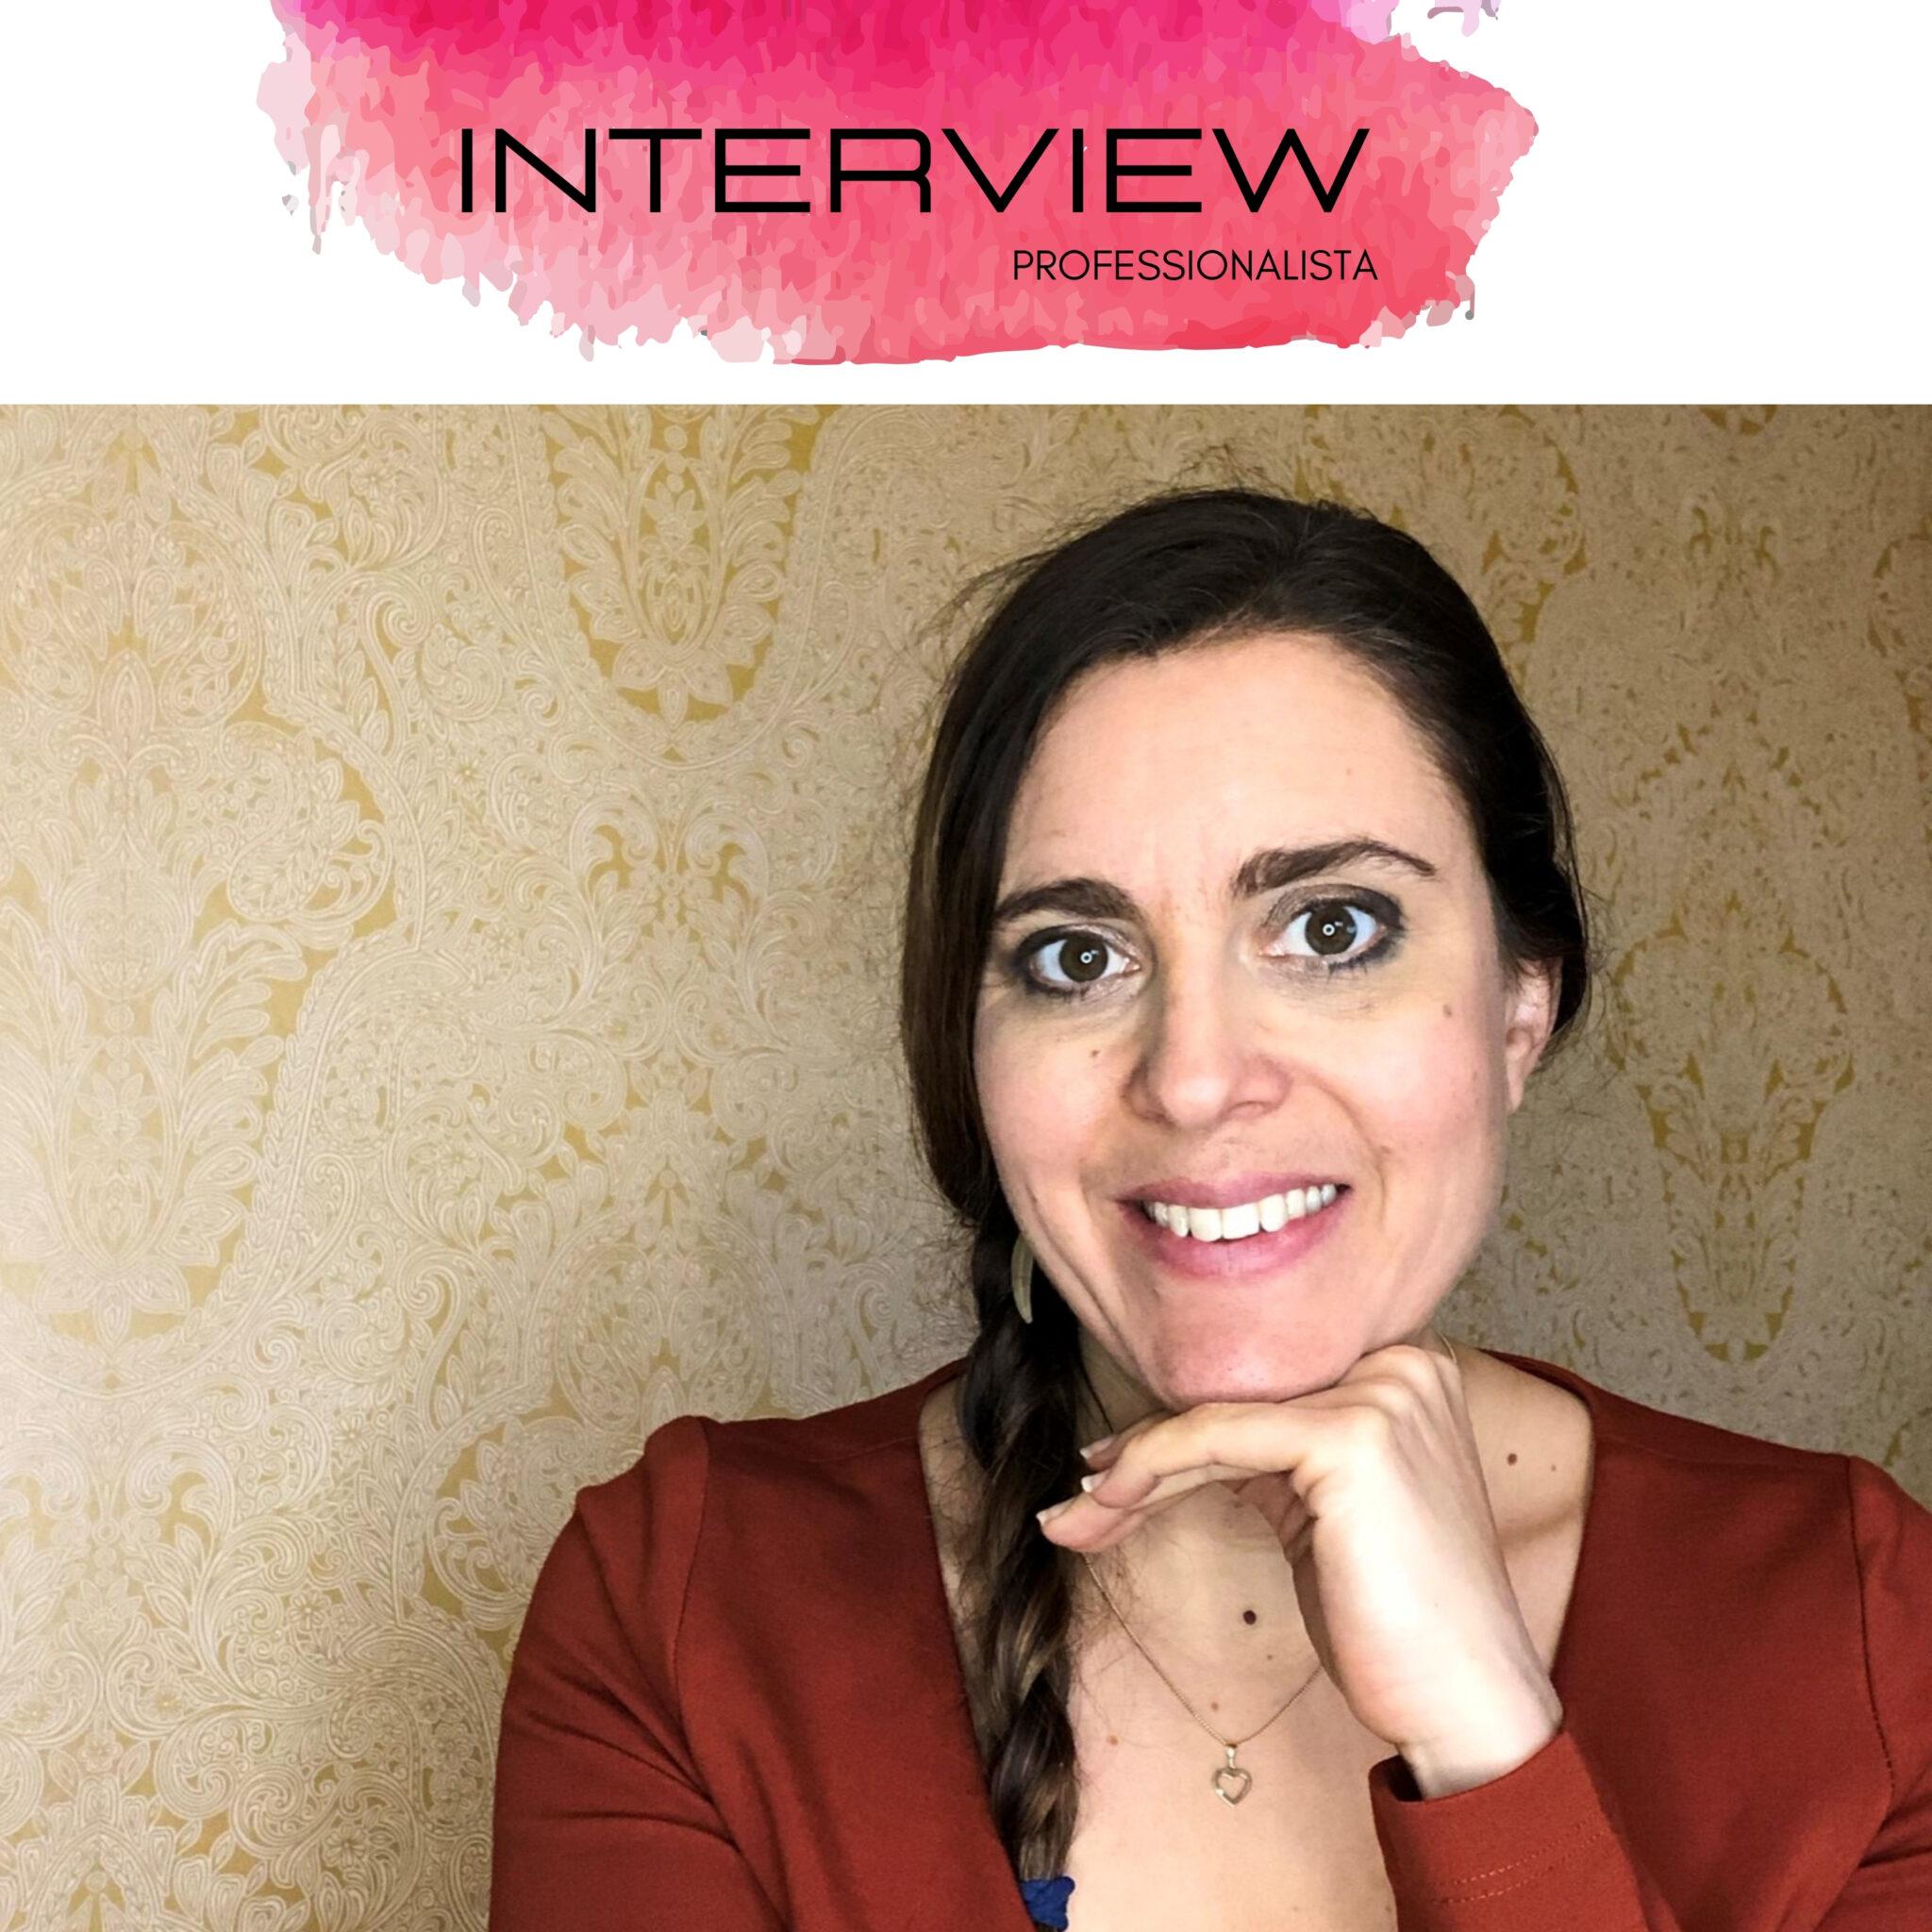 Interview Professionalista Marjolein de Jong